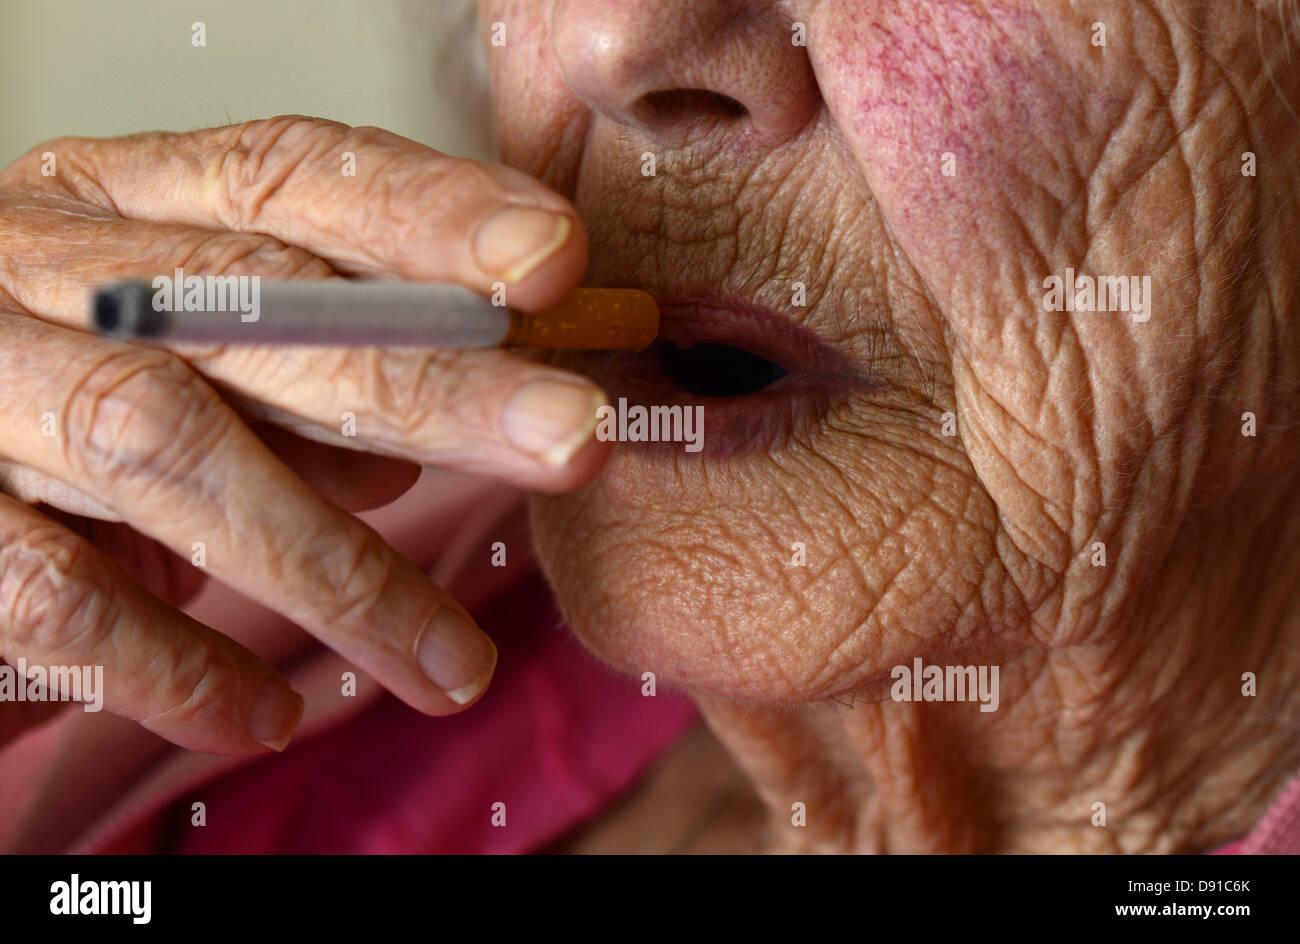 Alte Frau Rauchen, ältere Frau Raucher mit einer Zigarette, ältere Dame, die Rauchen Stockbild